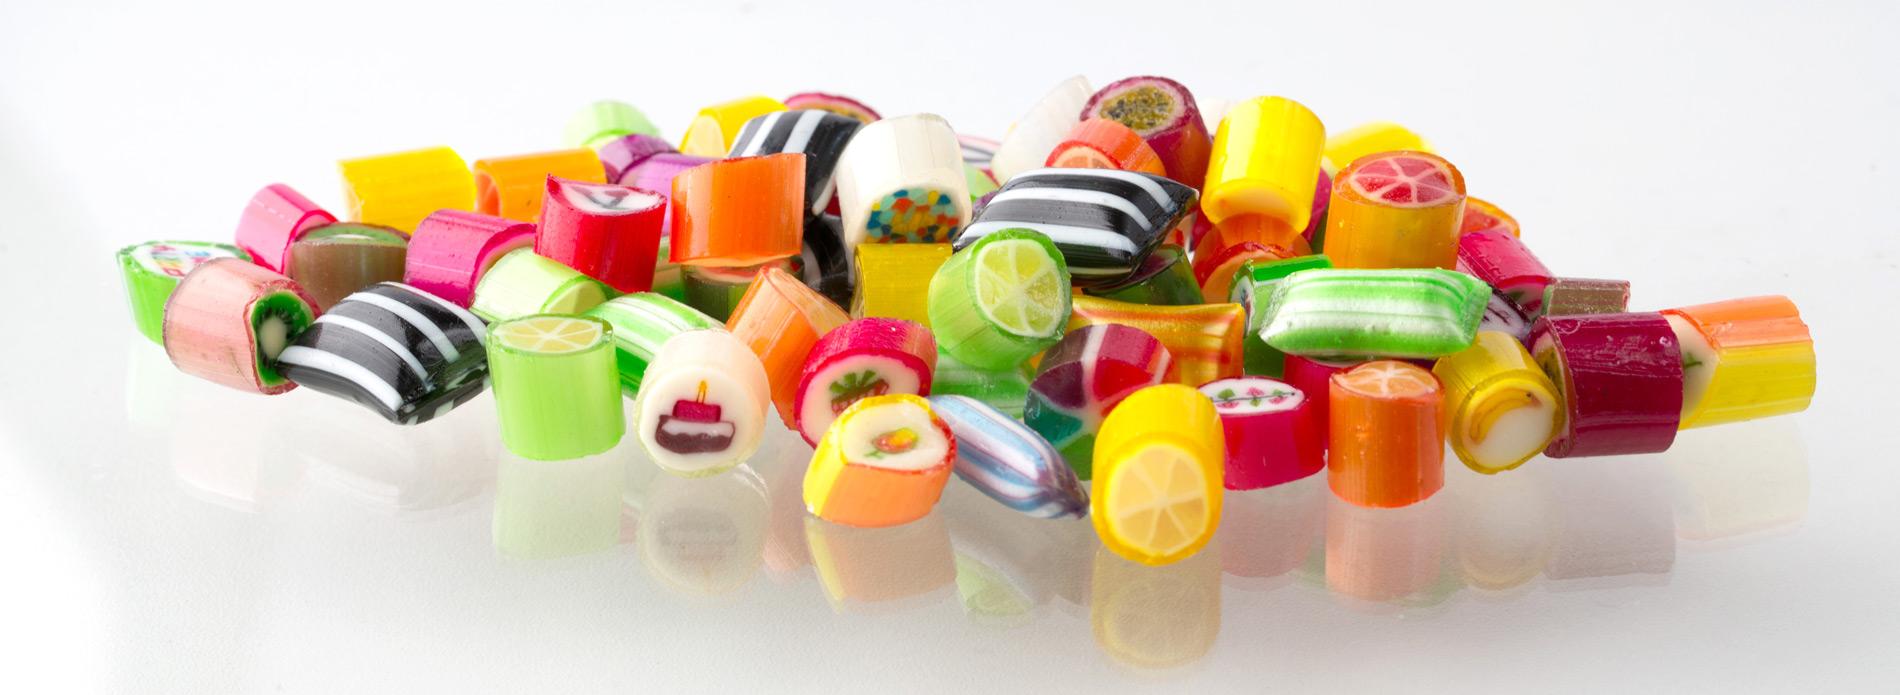 Confiserie, de beaux produits chez Cure Gourmande